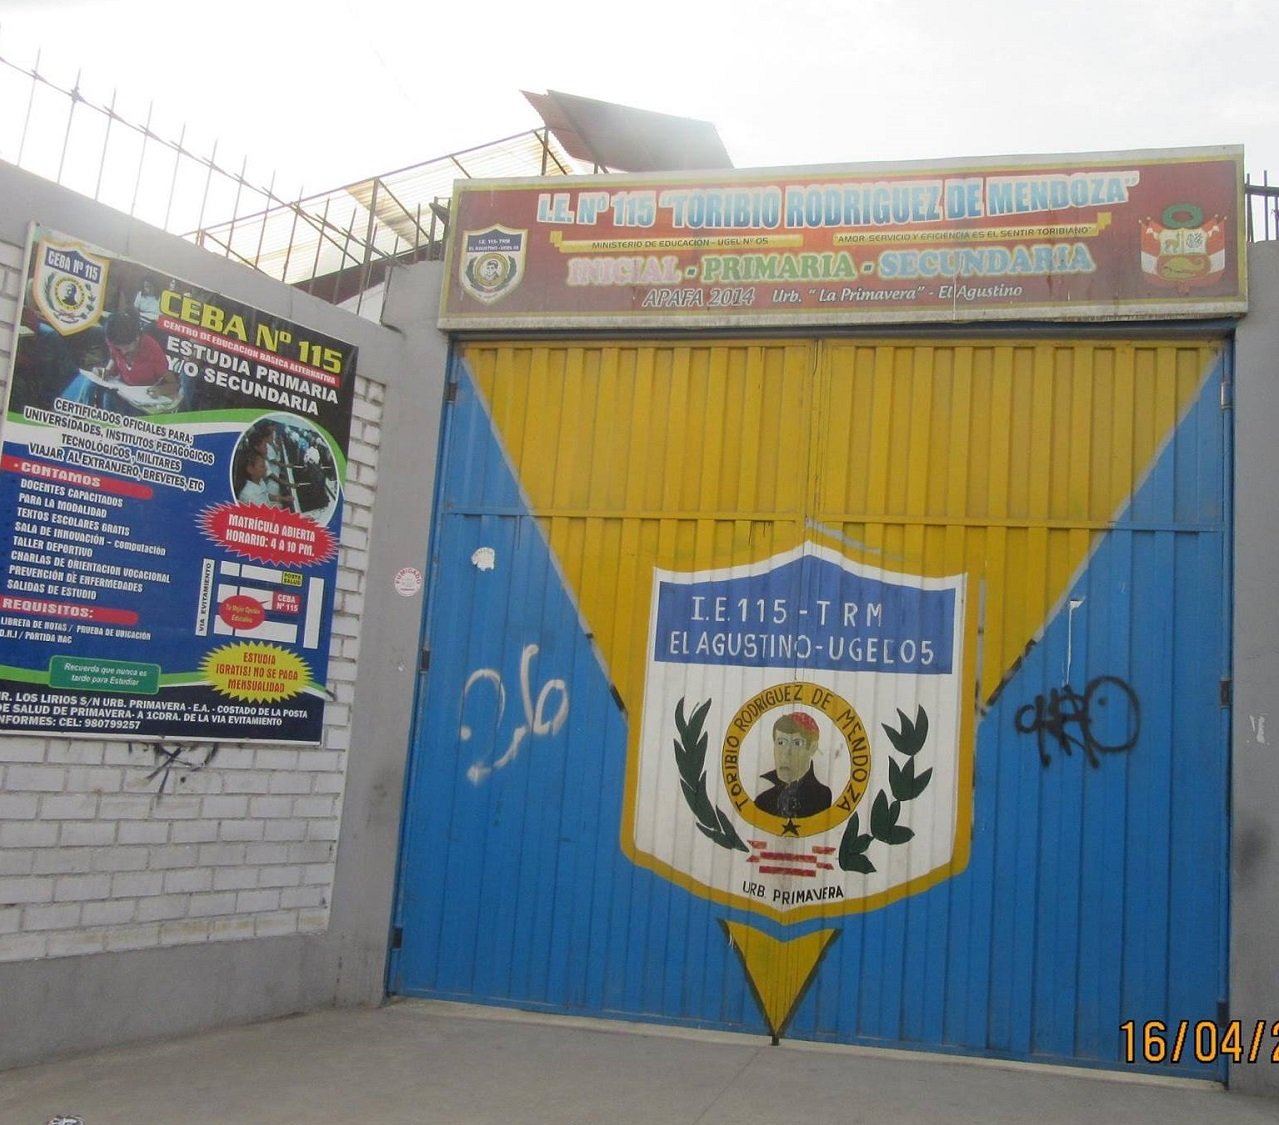 Colegio 115 TORIBIO RODRIGUEZ DE MENDOZA - El Agustino